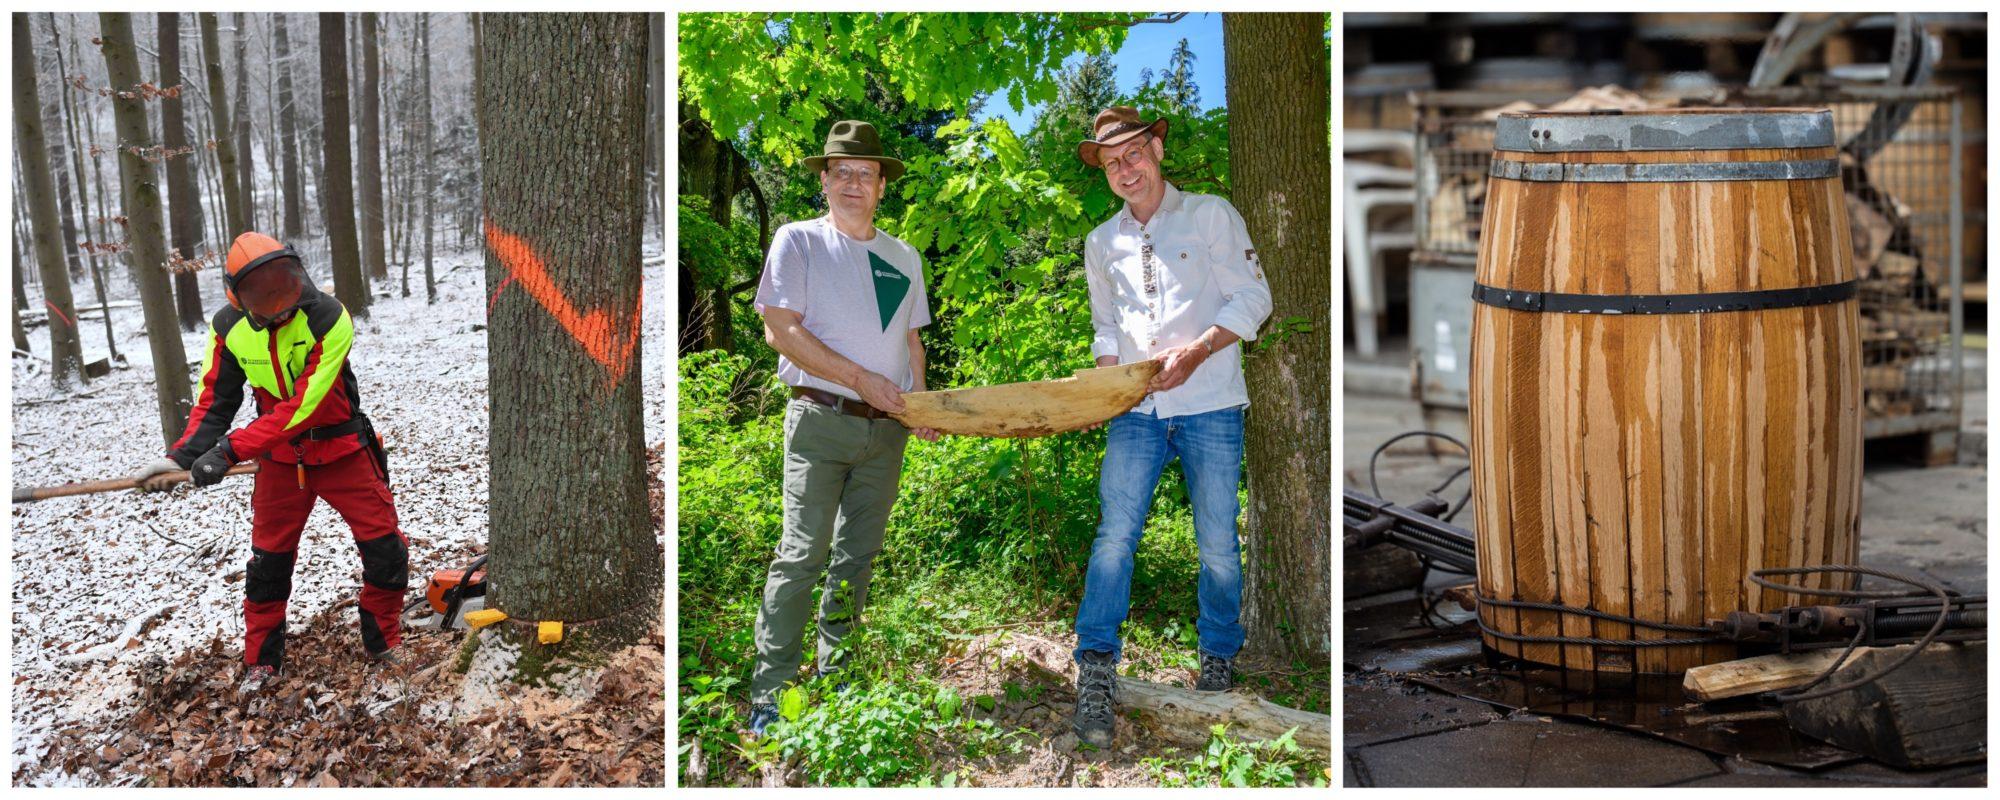 Baumfällen, Holzbeschaffung und fertiges Barrique-Fass